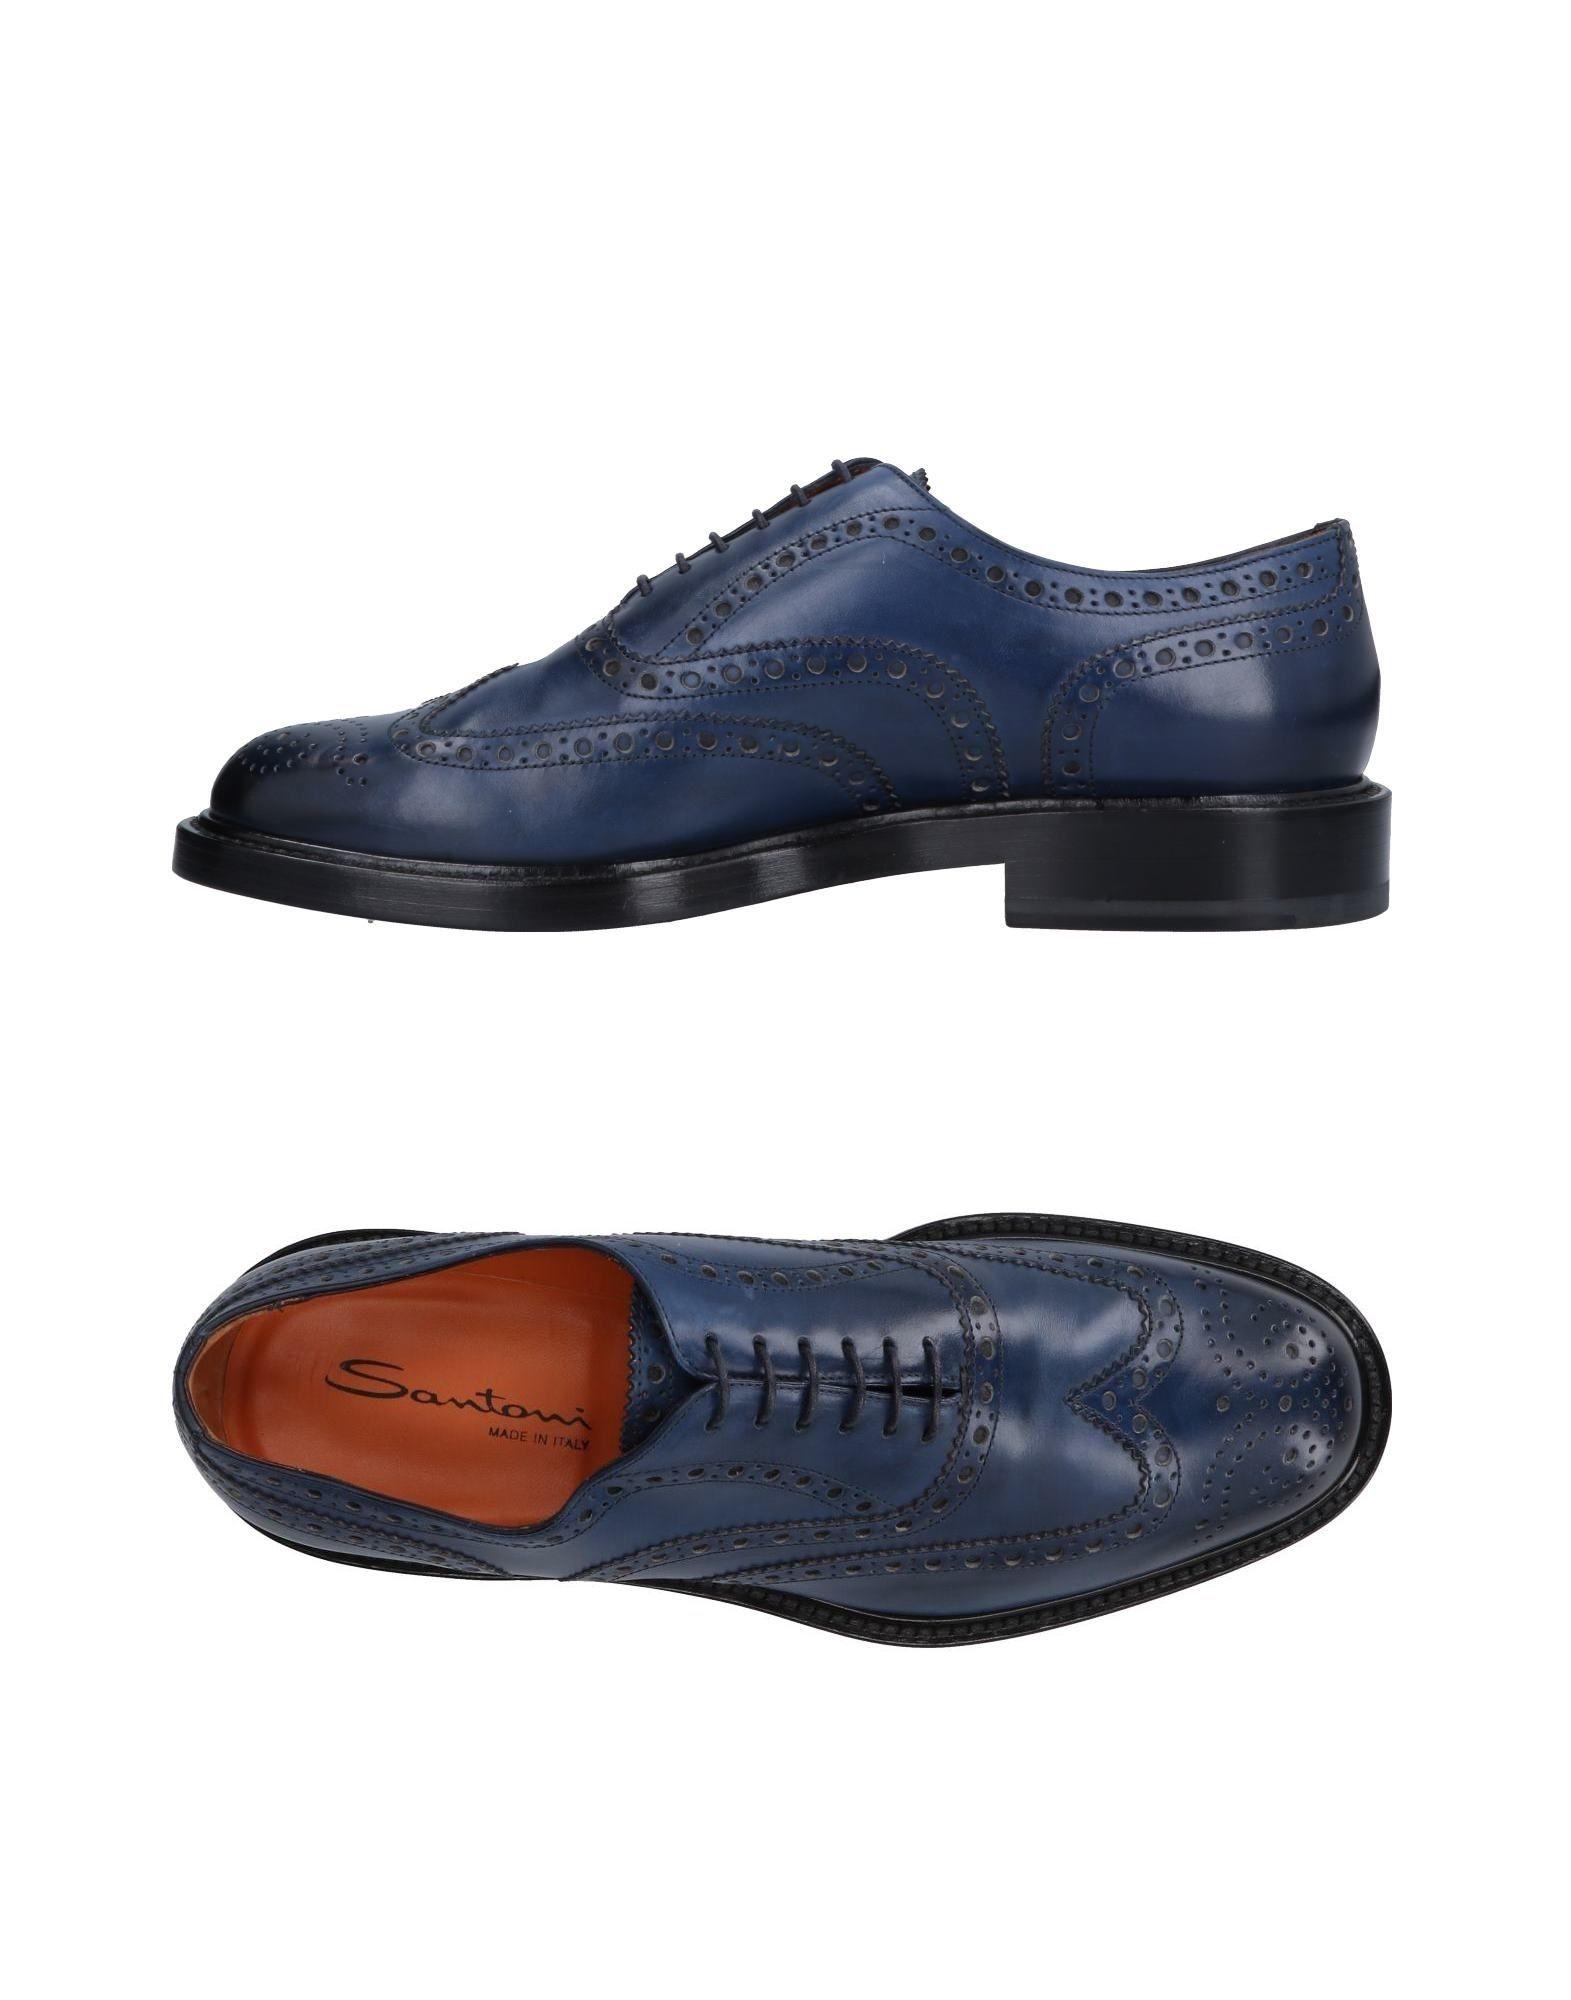 Santoni Schnürschuhe Herren  11501298UI Gute Qualität beliebte Schuhe